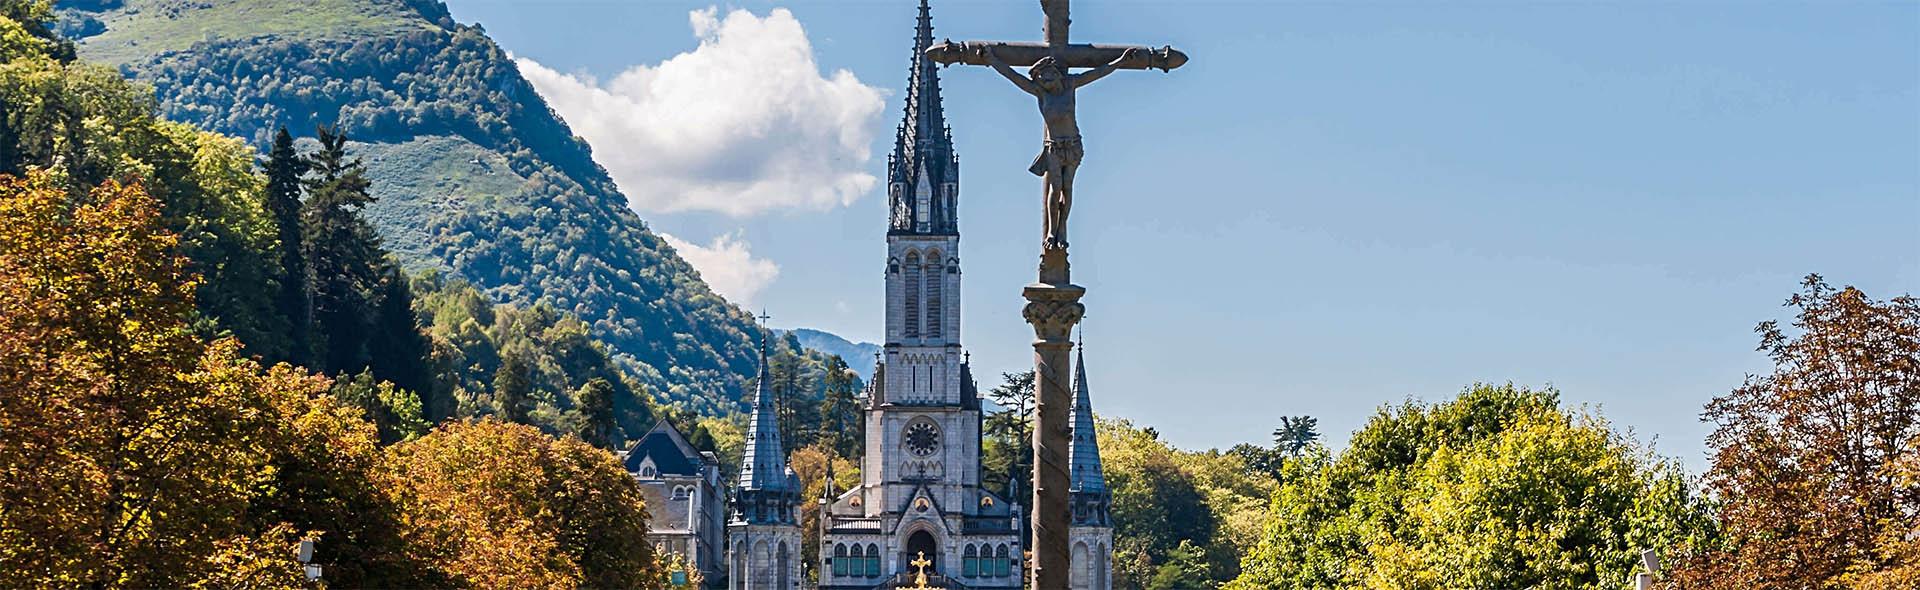 Pellegrinaggio a Lourdes in Pullman dal Nord 2 Giugno